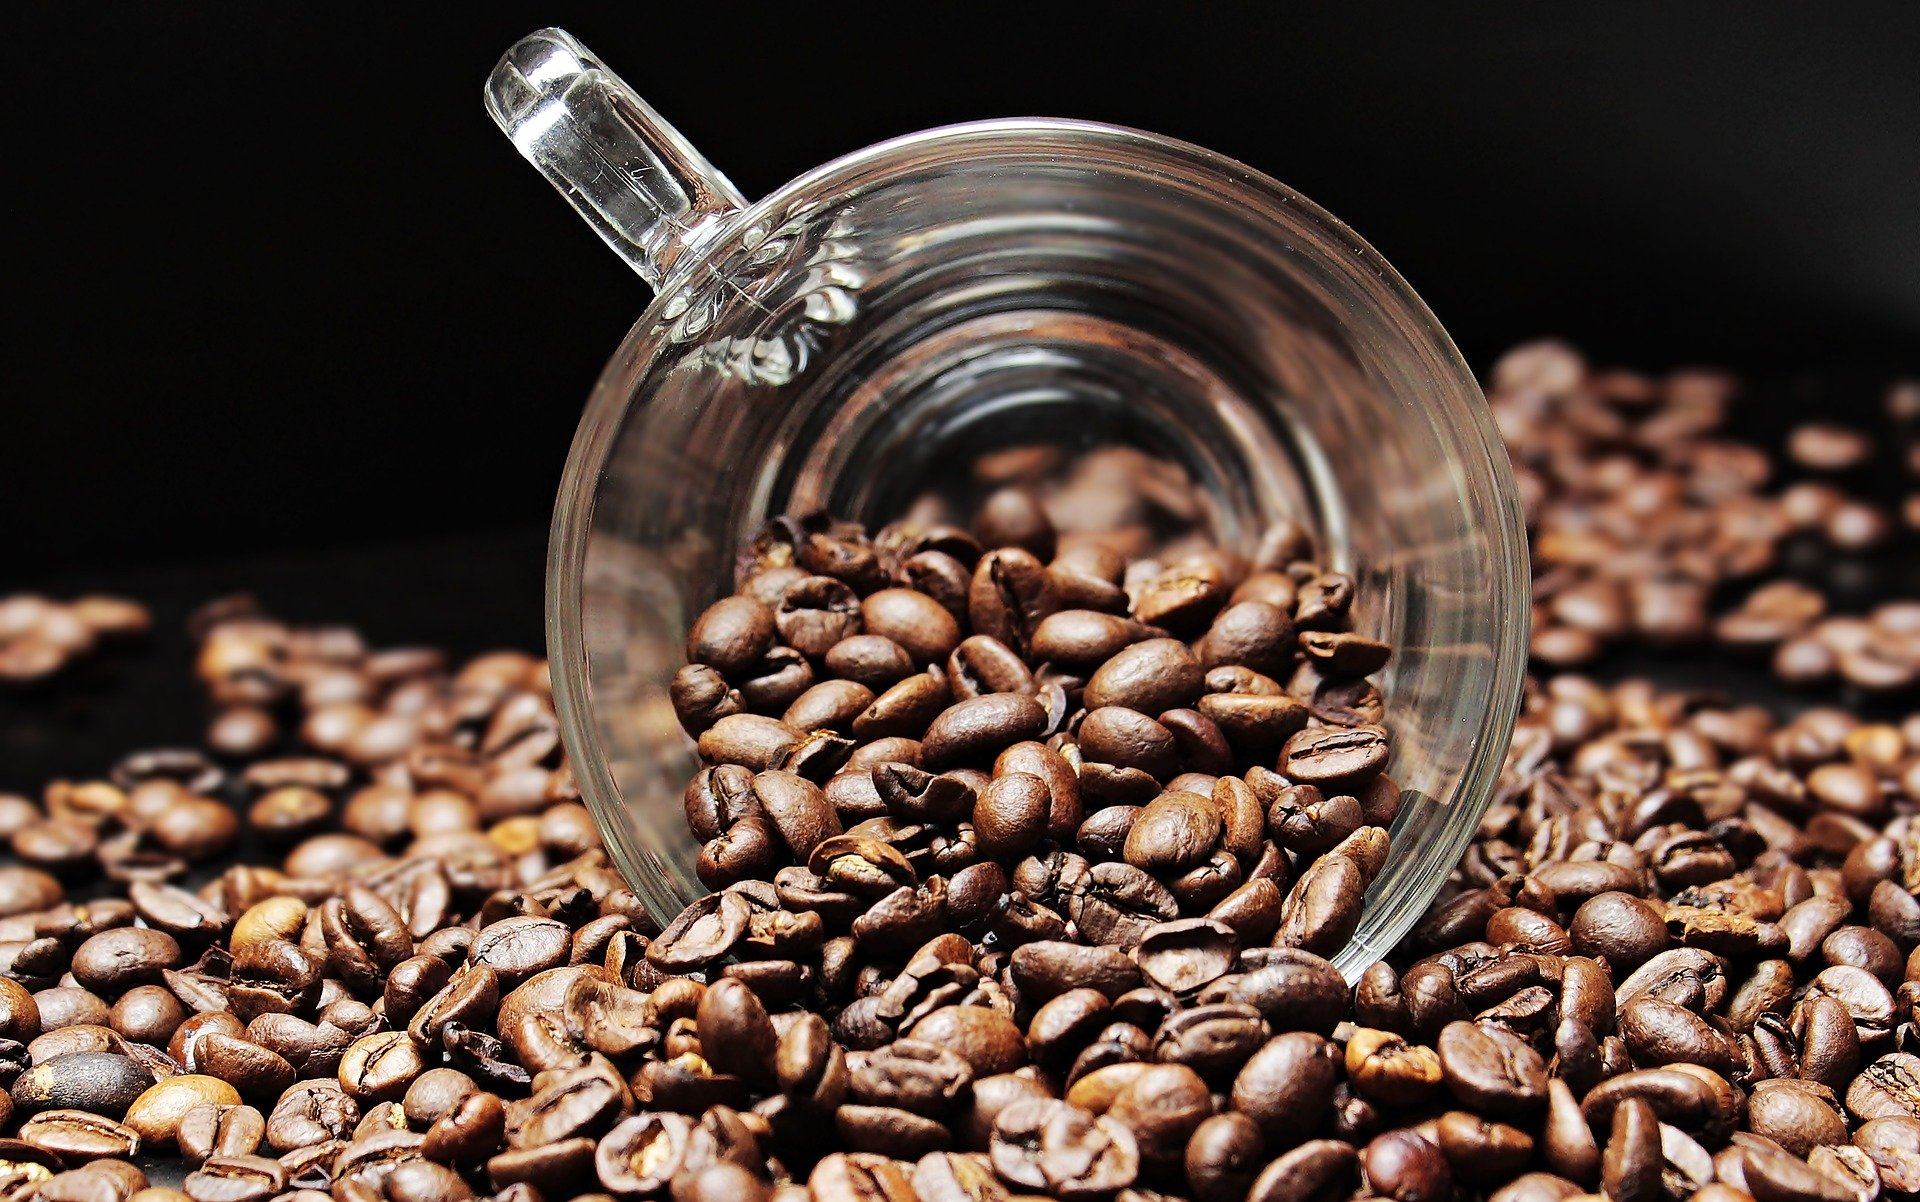 Со помош на кафето можете да се ослободите од комарците, а откријте и за што друго може да ви помогне